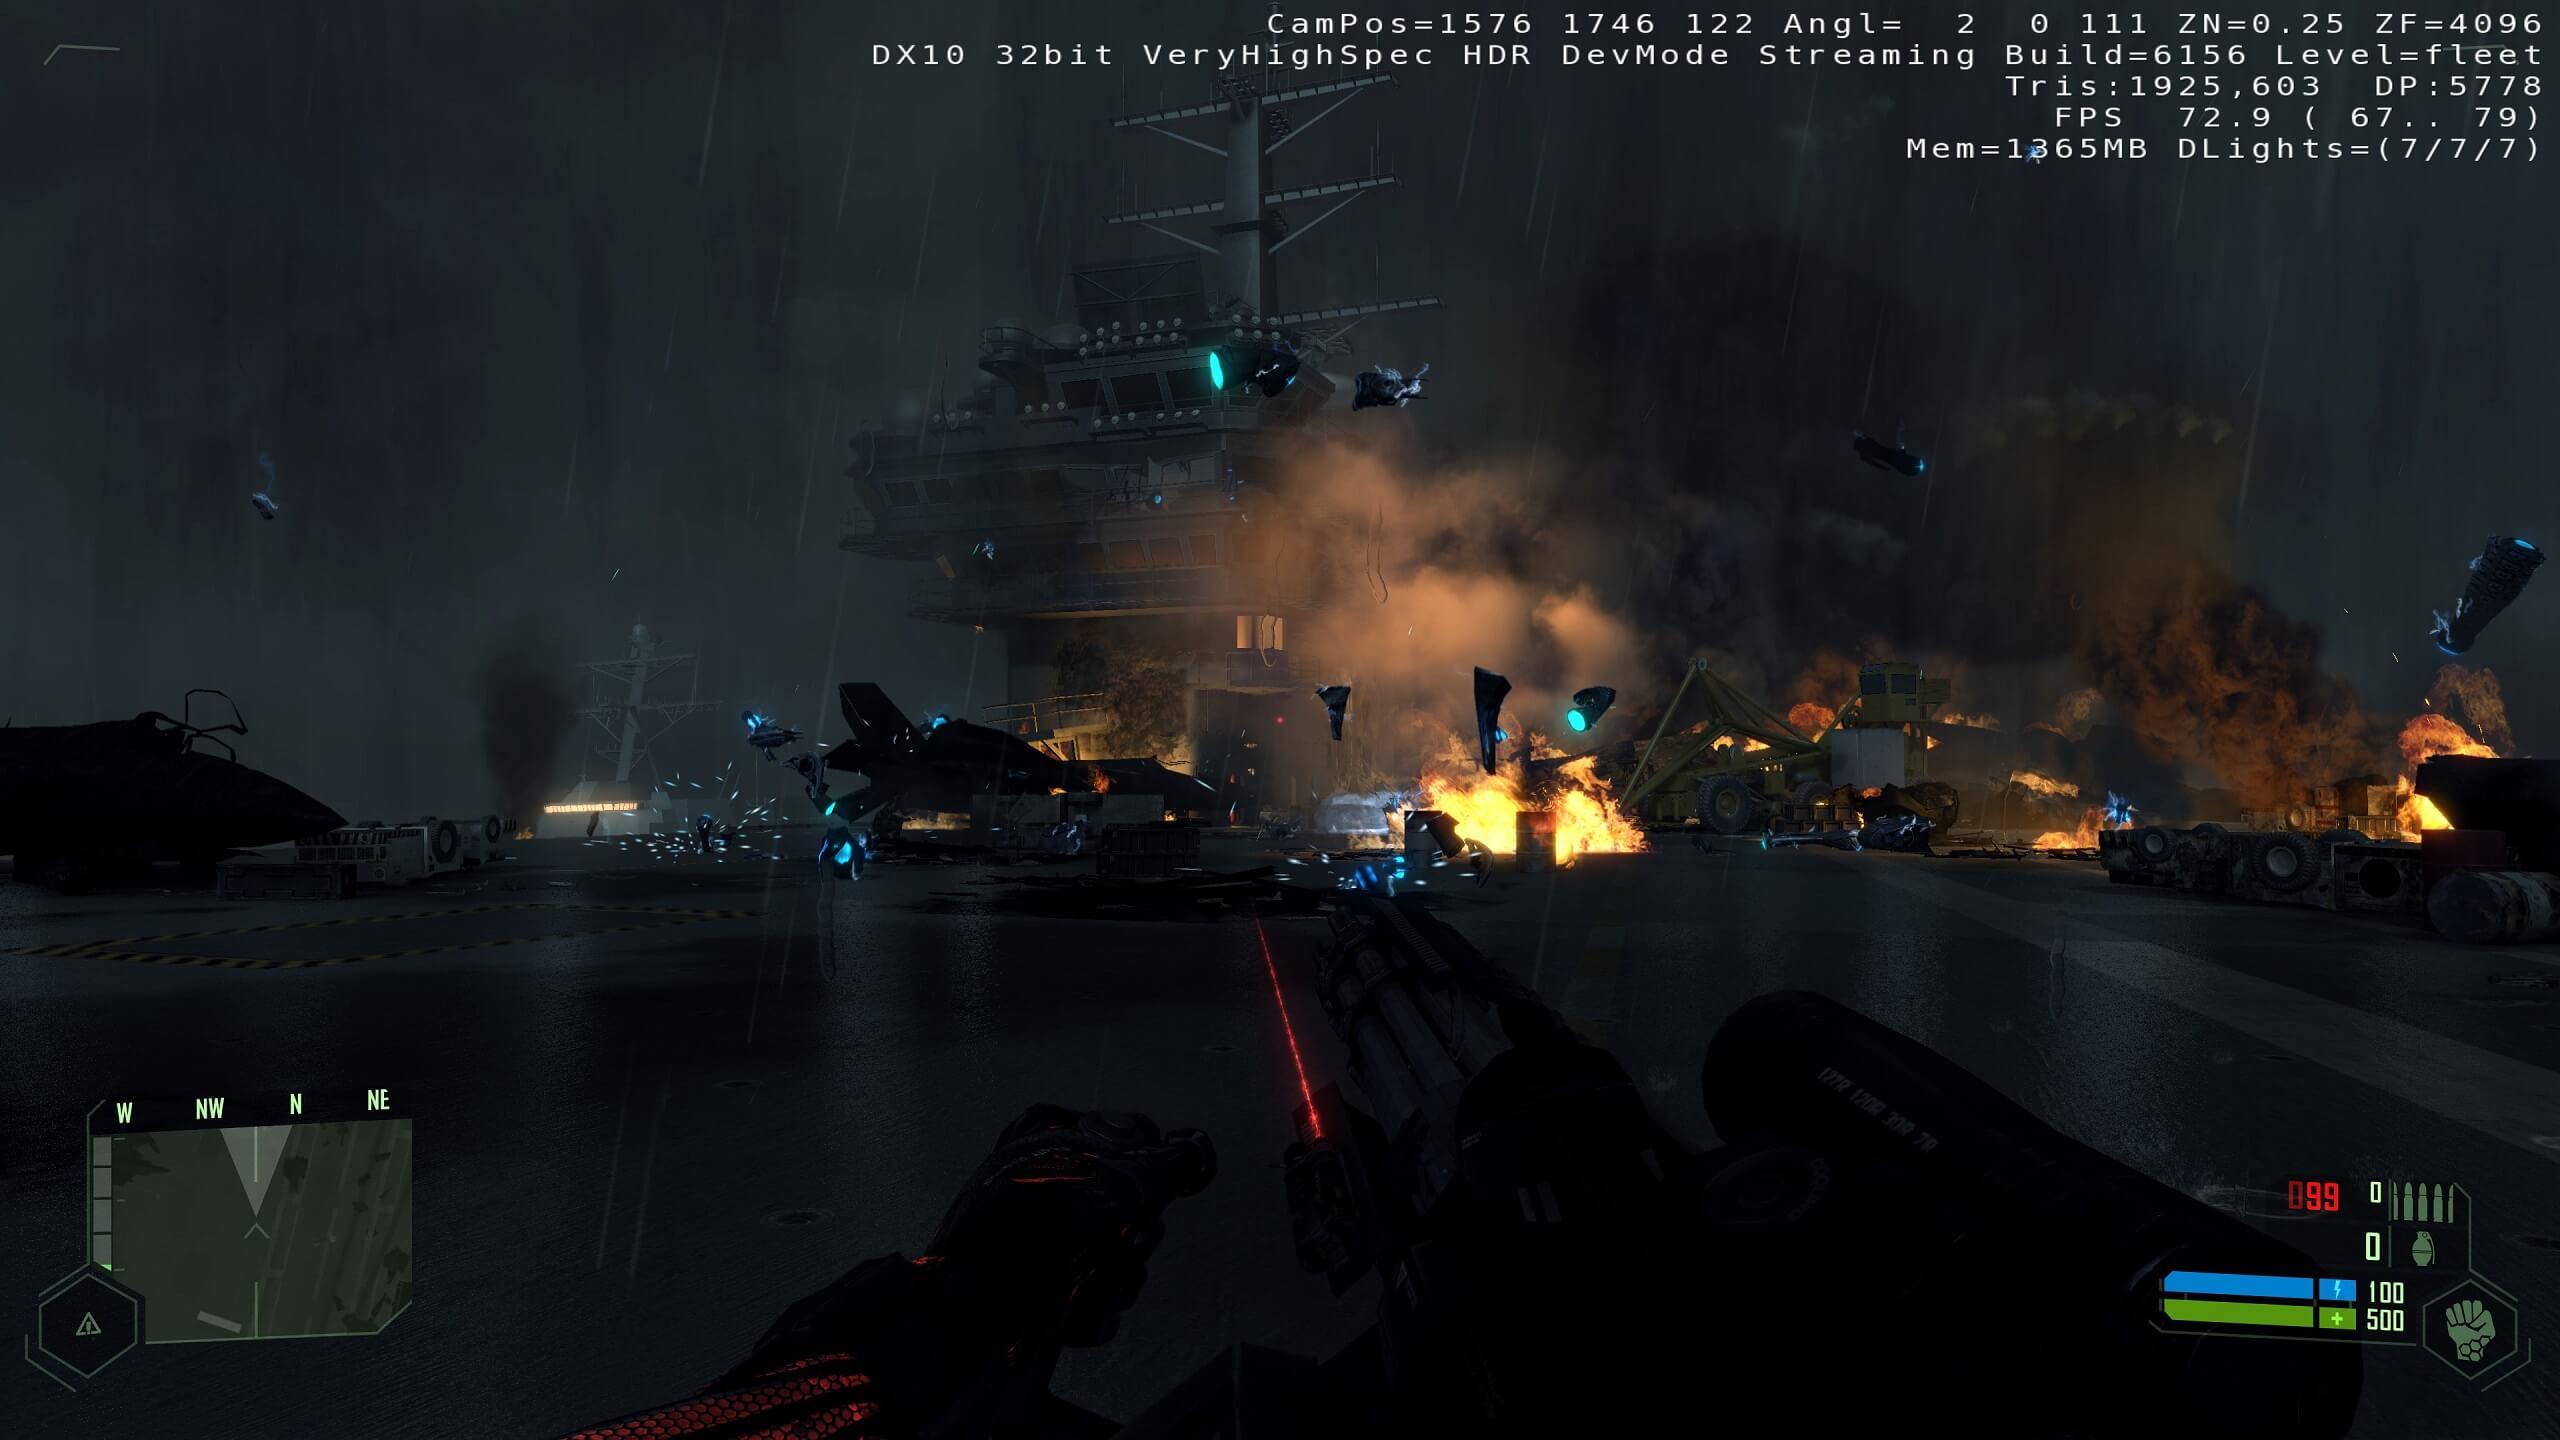 «А Crysis потянет?» Почему до сих пор обсуждают игру, выпущенную 13 лет назад - 23